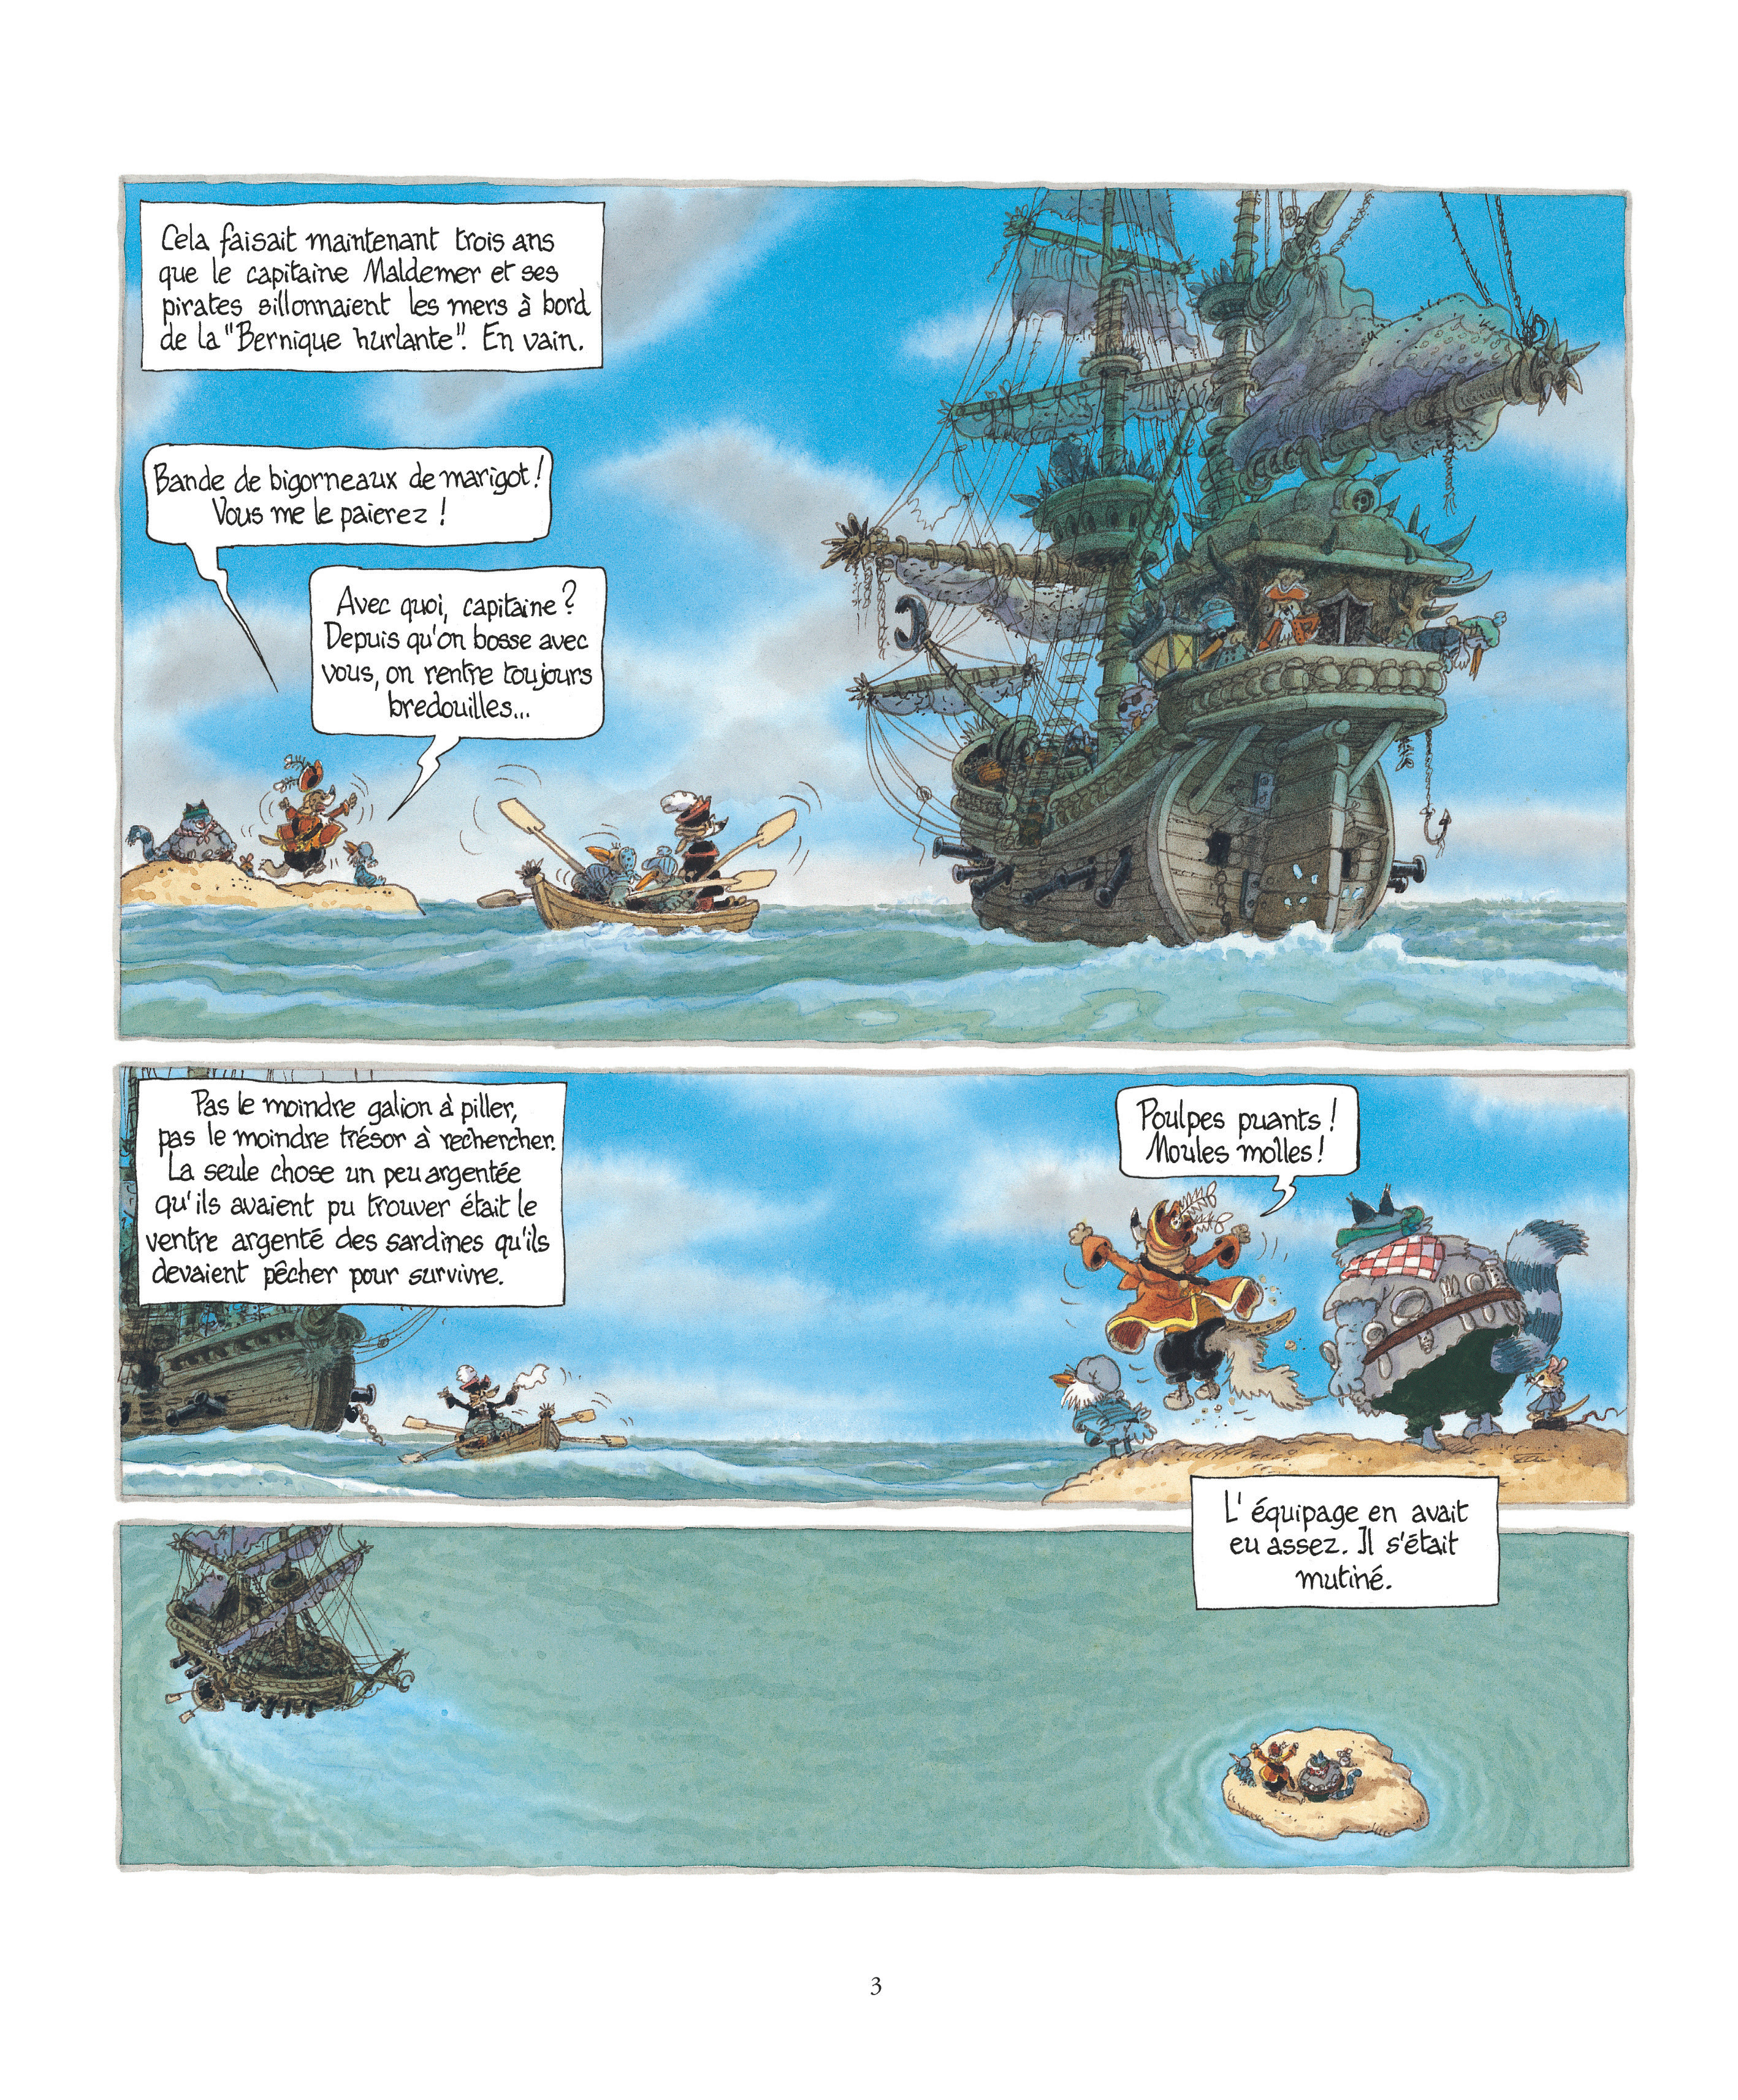 La chasse au trésor - couverture - Page 3